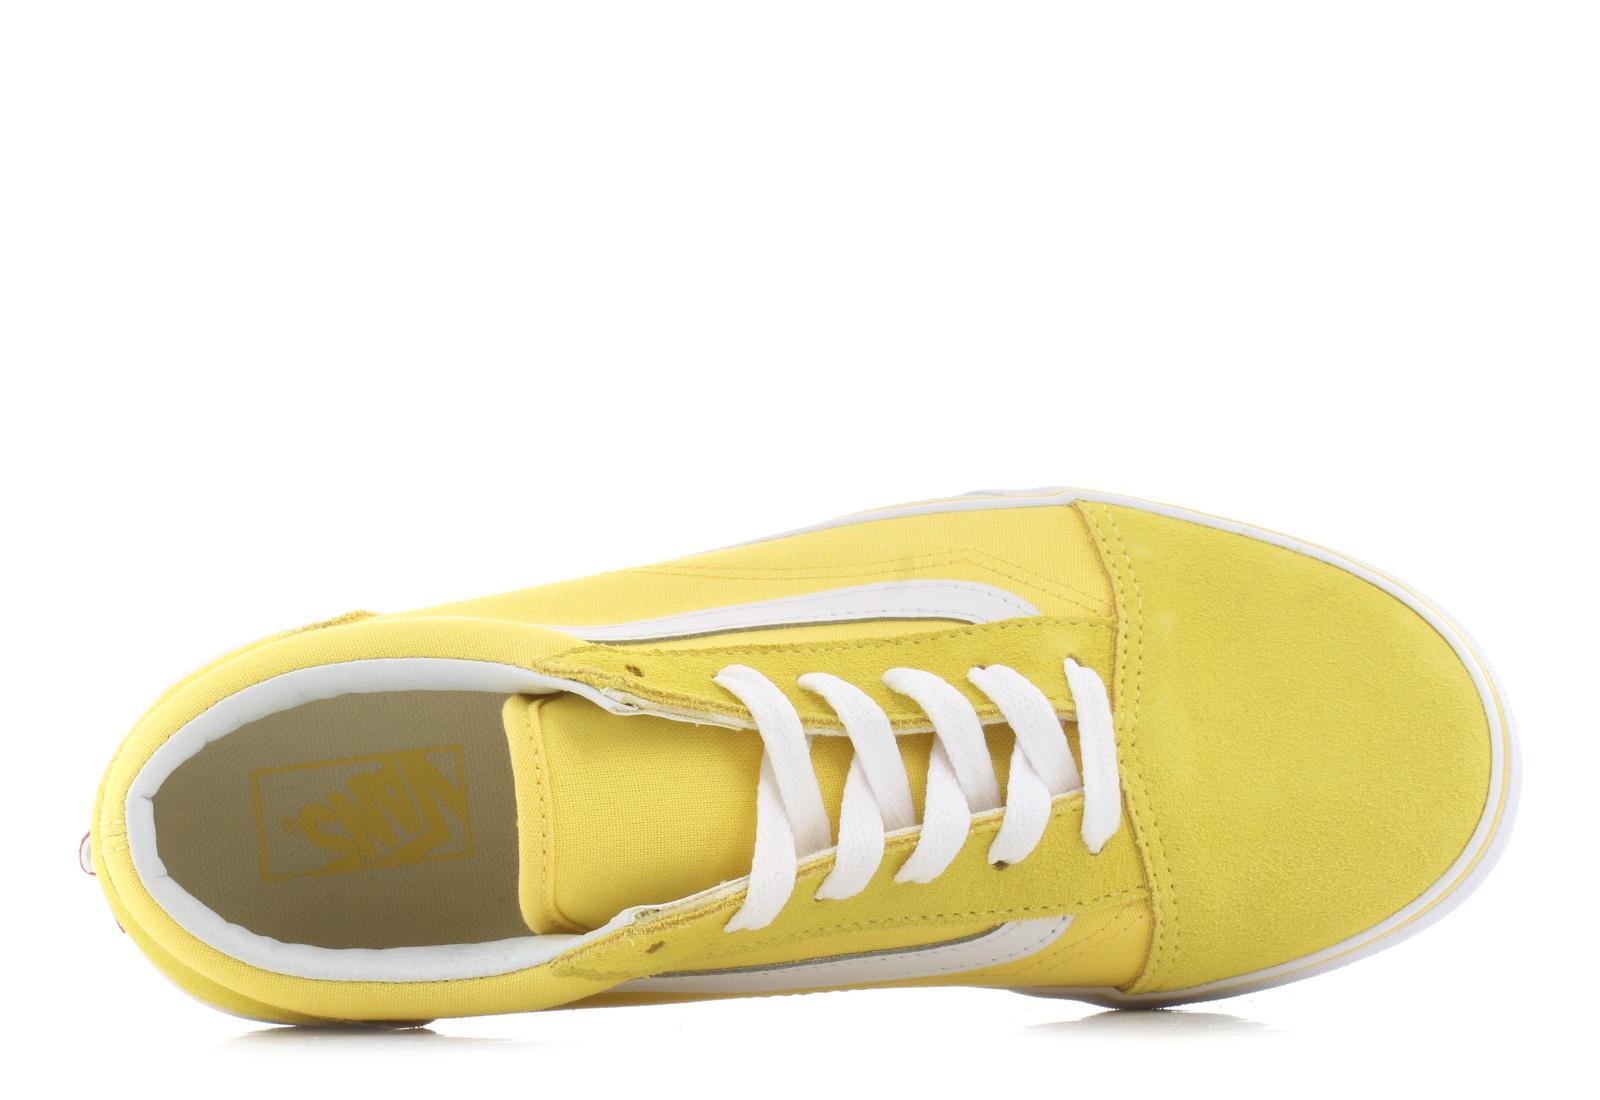 696654daab Vans Shoes - Uy Old Skool - VA38HBVDW - Online shop for sneakers ...